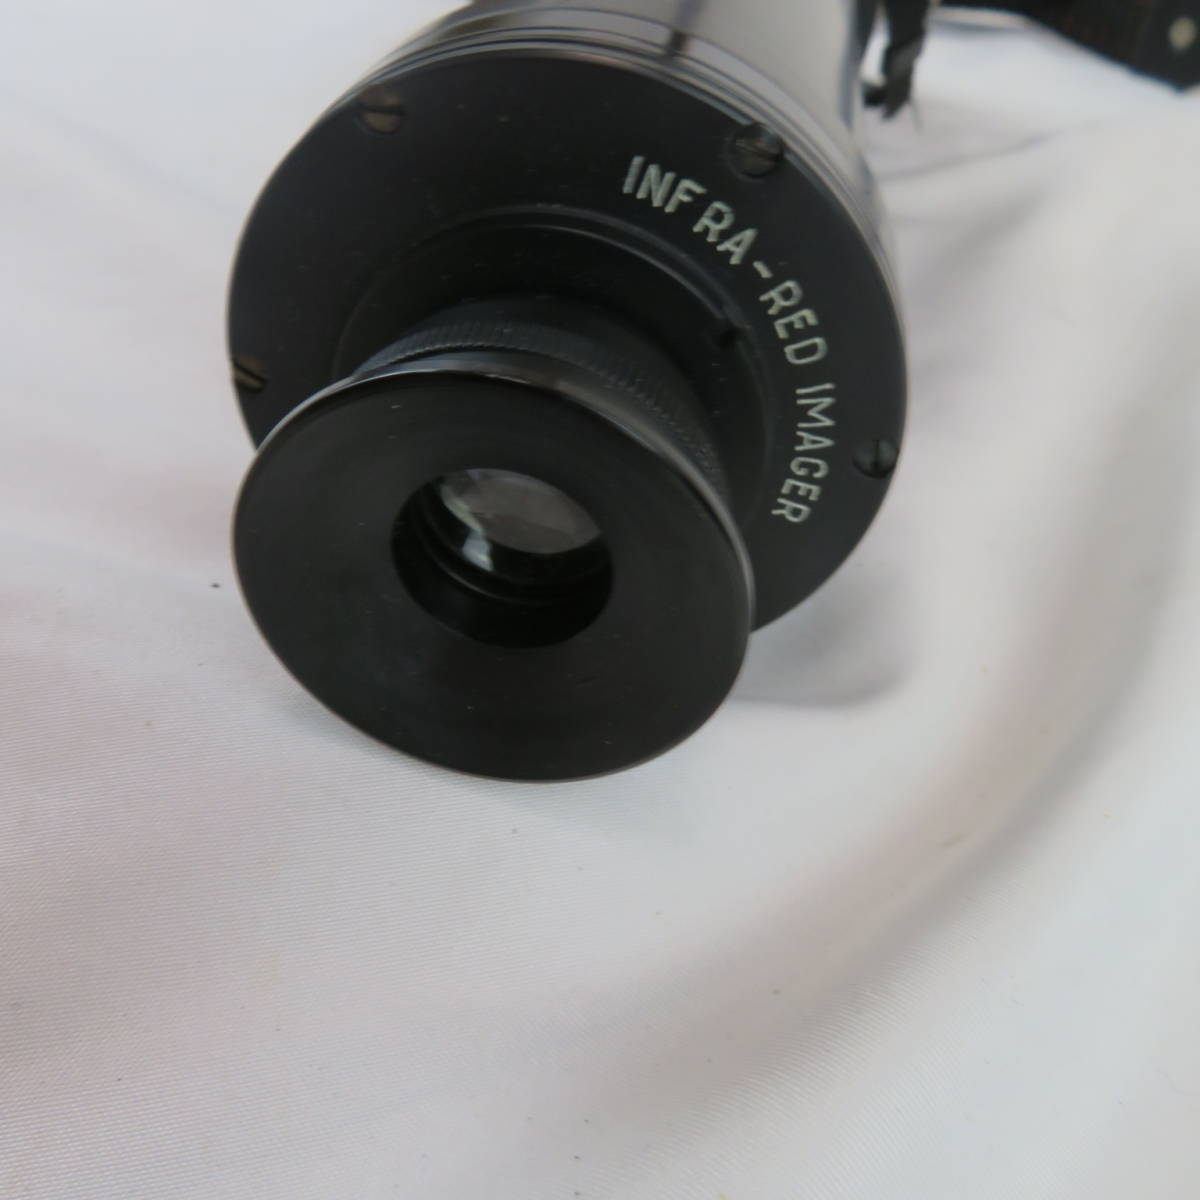 【ケース付き】H3 T-8N made in russia ロシア製 ナイトスコープ サバゲー (30-1156) _画像5